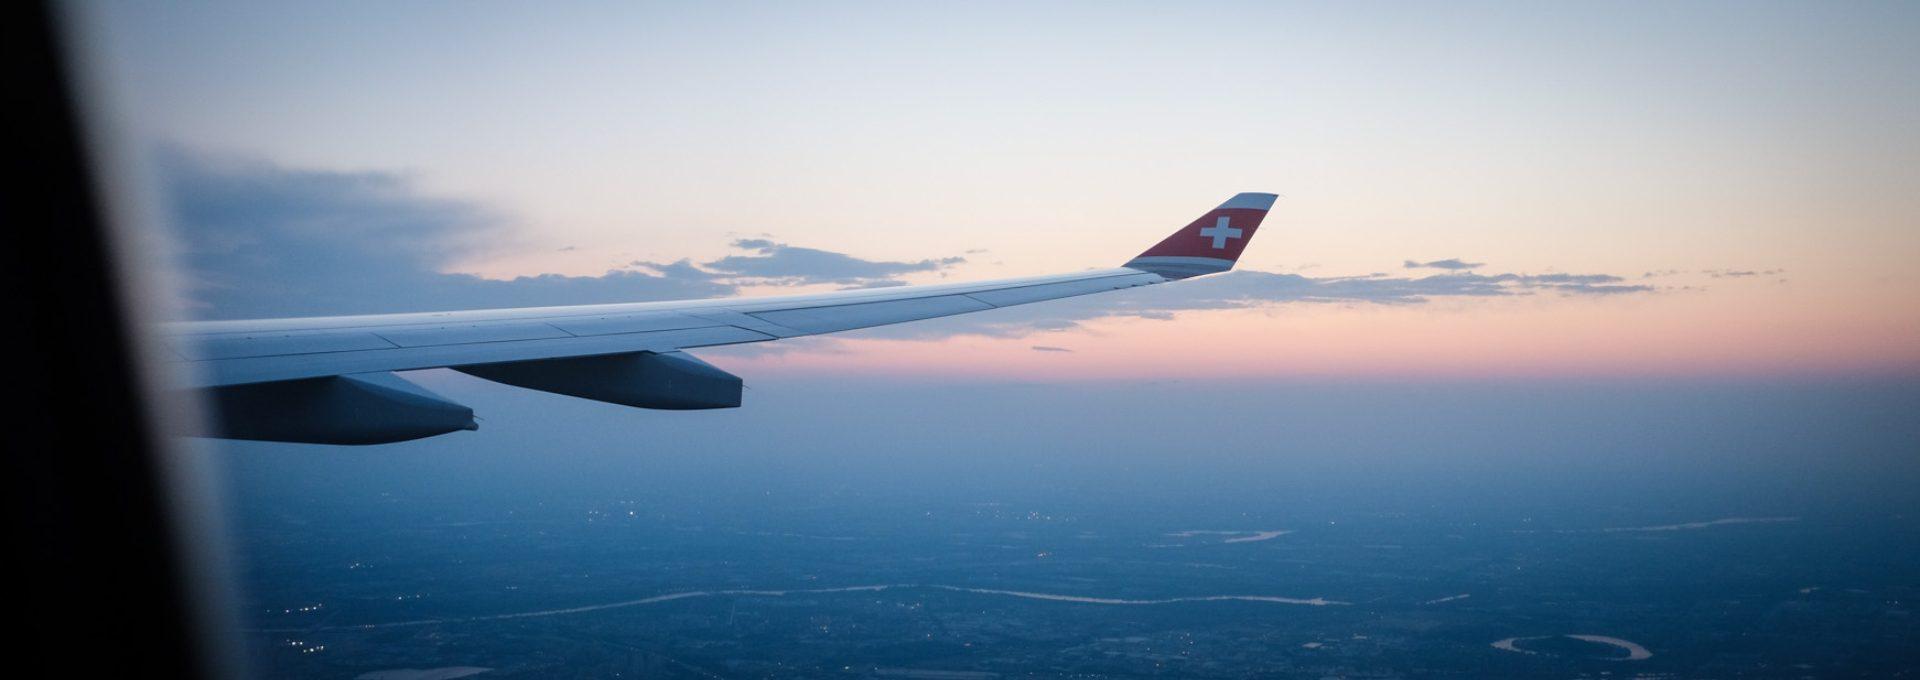 Der Flügel eines Swiss Flugzeuges in der Abendstimmung soll ein Bild von einer Reise vermitteln.